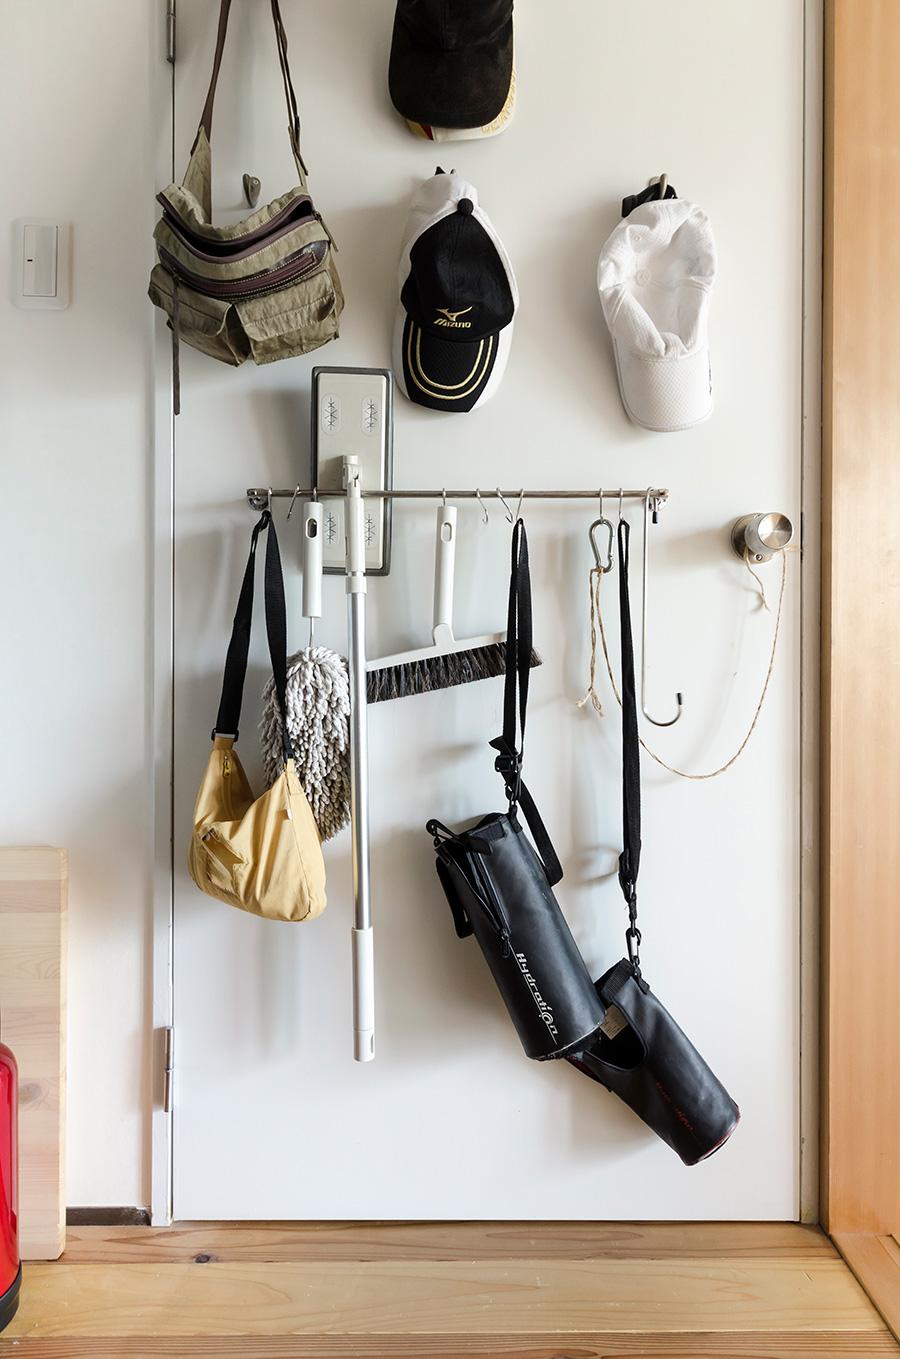 掃除道具はクローゼットのドア裏に。取り出しやすく、目につきにくい場所なのがよいのだそう。